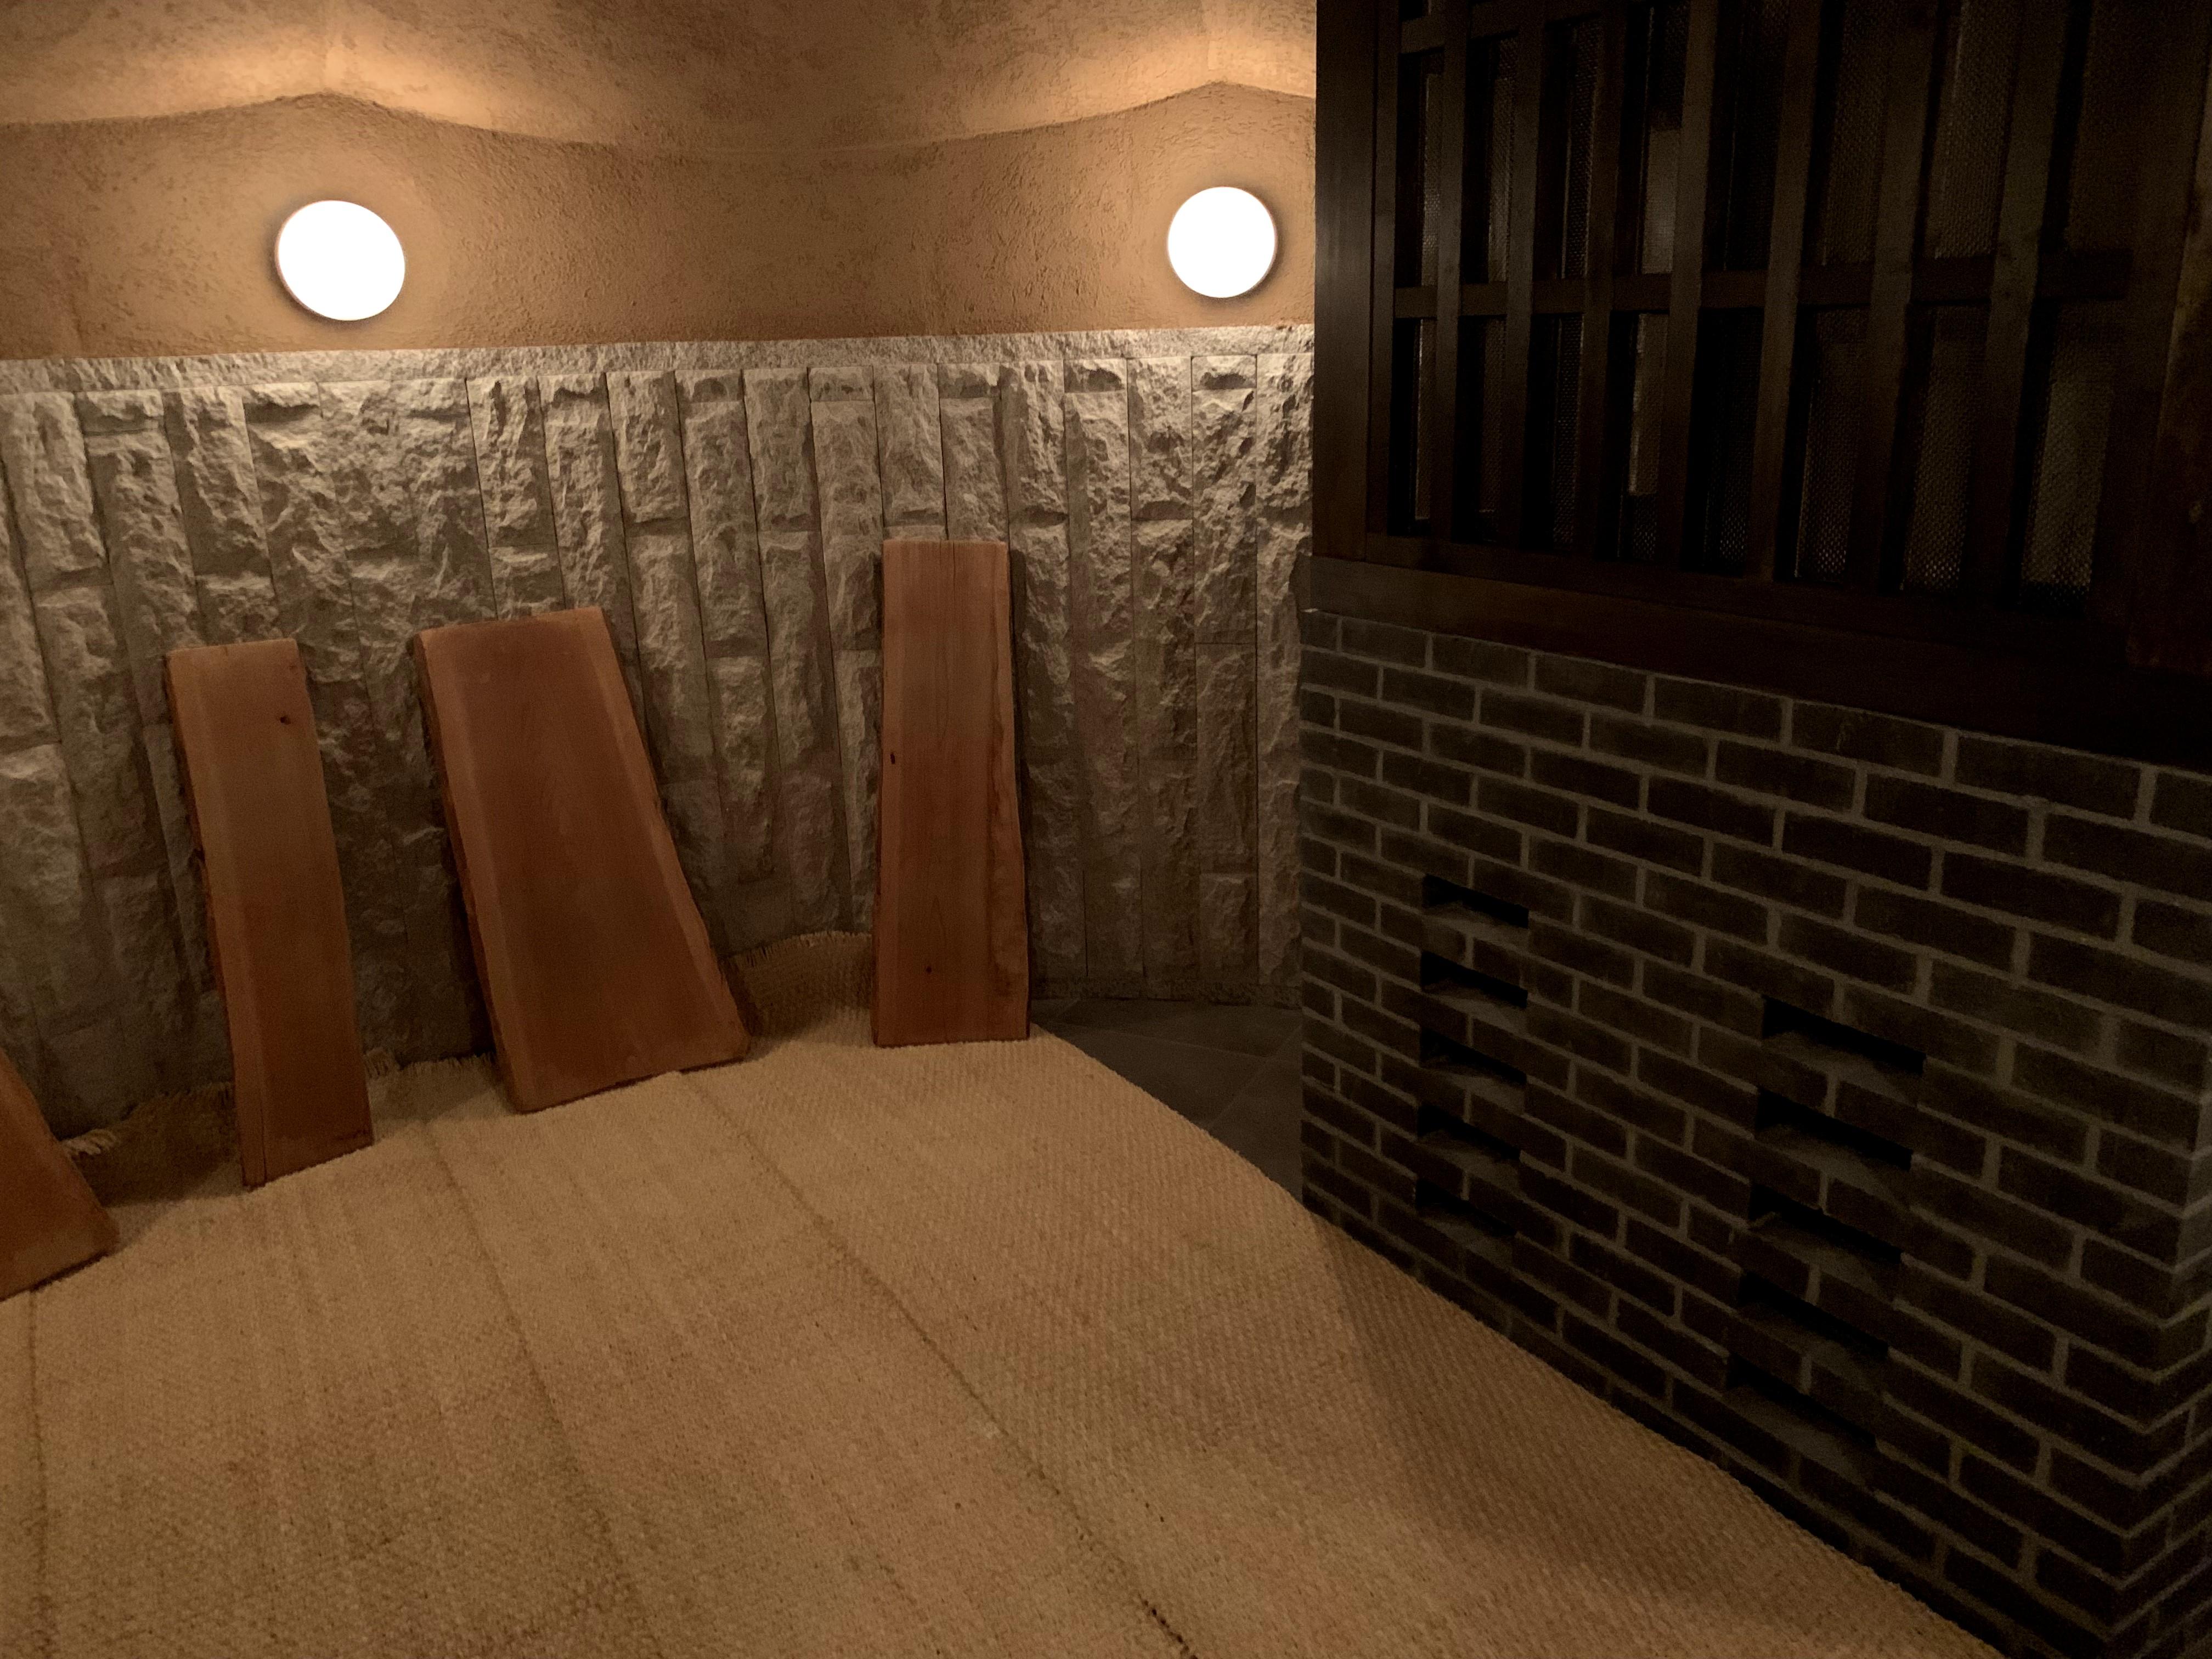 すぐ行ける天然温泉!名古屋近郊おすすめ日帰り入浴施設5選 - IMG 2072